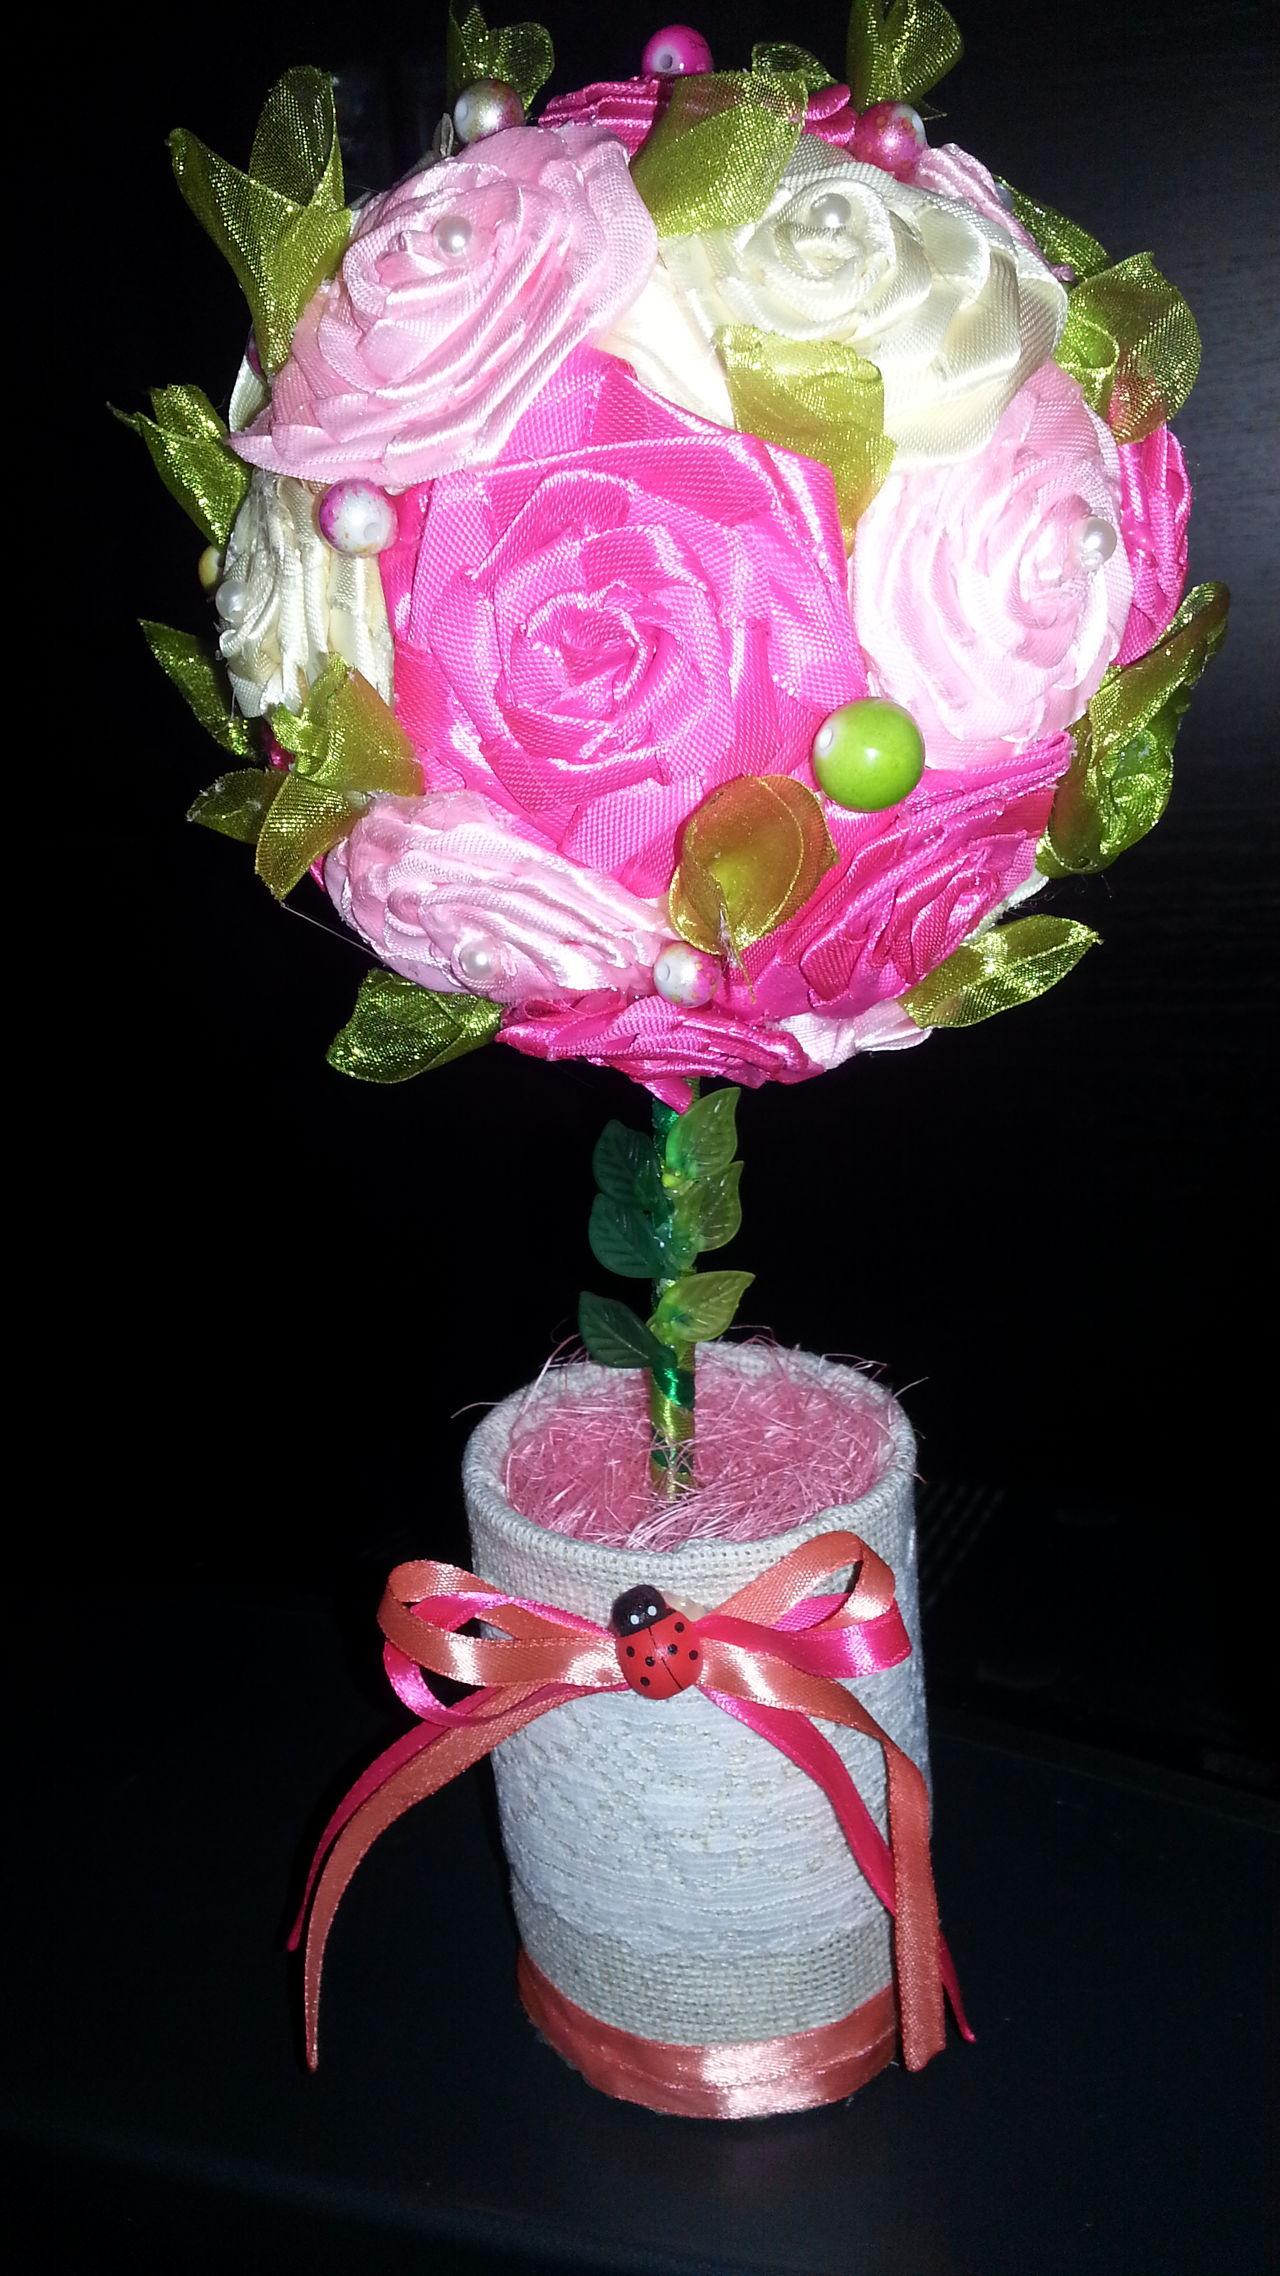 Деревце счастья. Топиарий. ручная работа деревце ленты розы Handmade For You Ukraine 💙💛 Decoration Decor Topiary Flower Collection Kiev